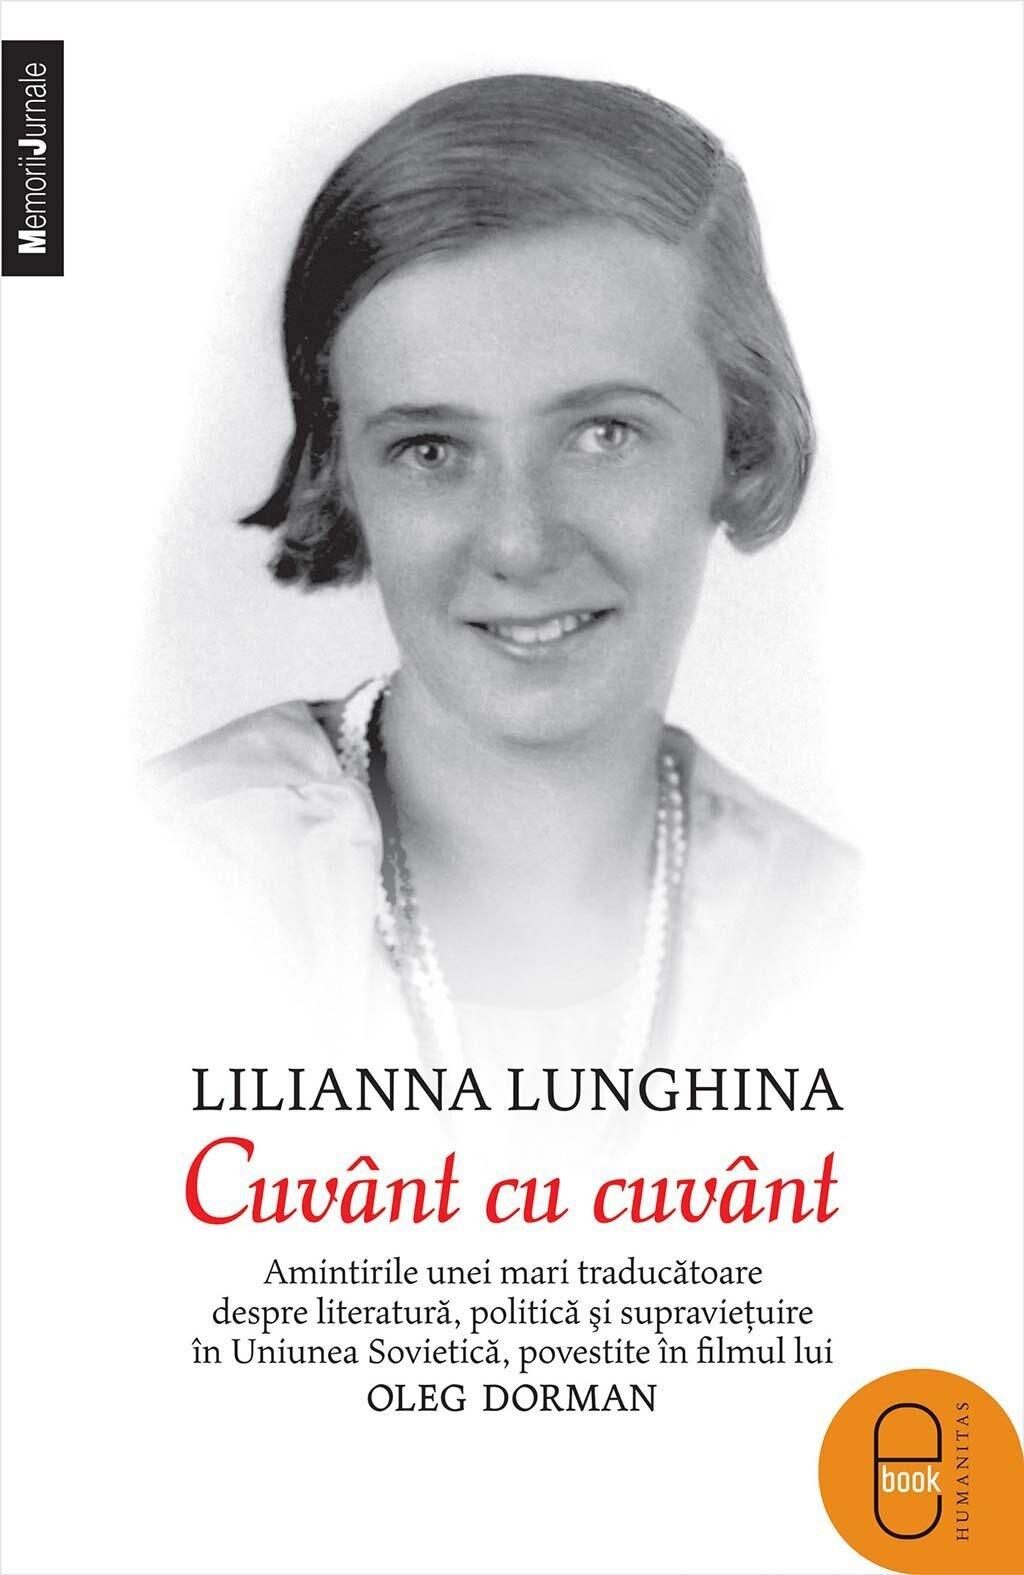 Cuvant cu cuvant PDF (Download eBook)